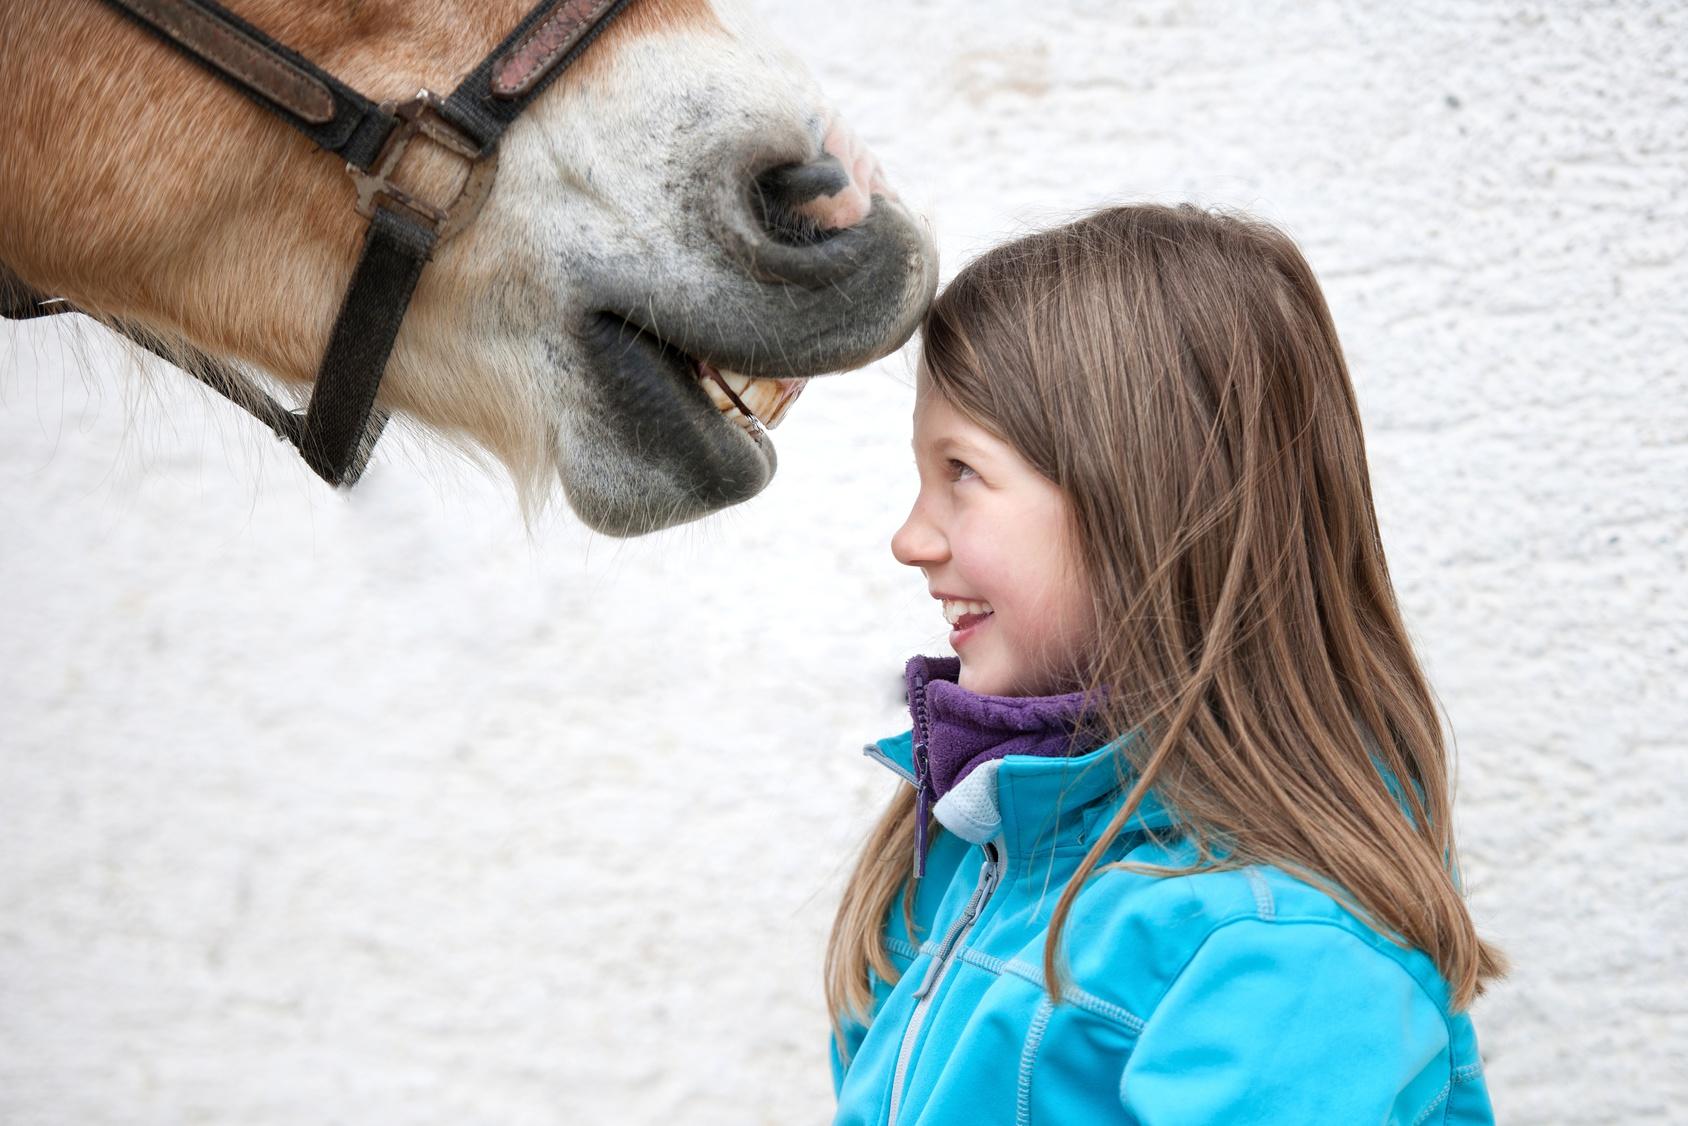 Pferde Wecken Unsere Grundbedürfnisse